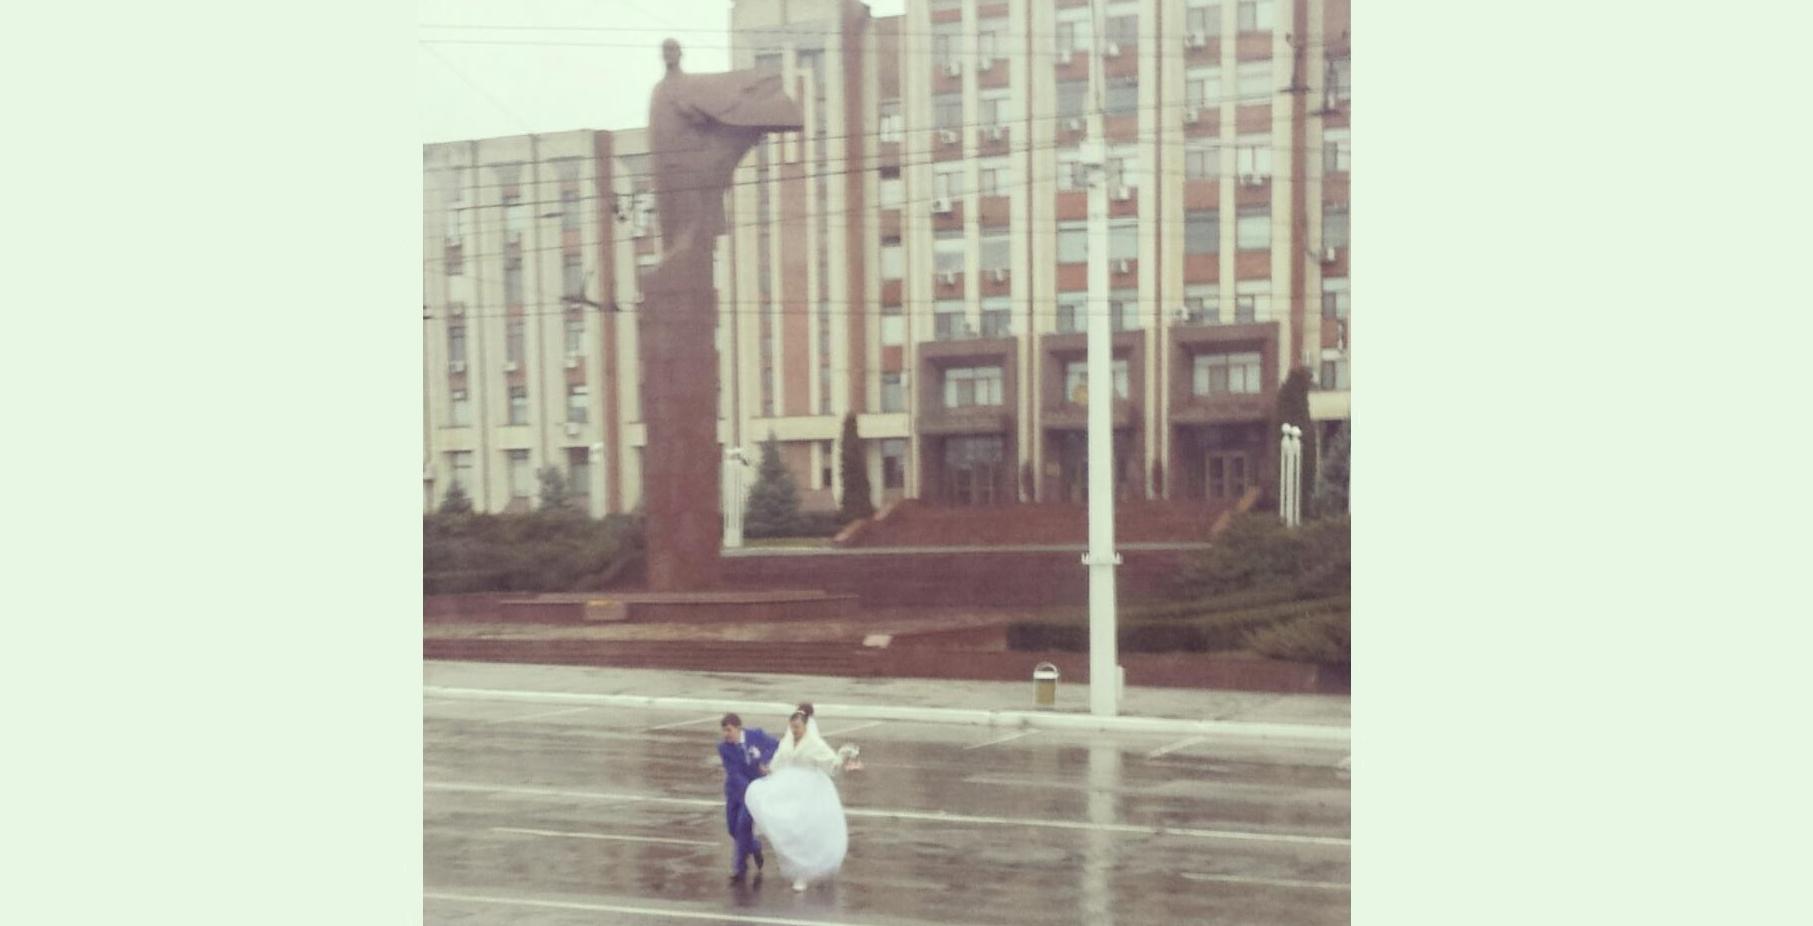 Предприимчивые граждане Приднестровья считают, что именно там нужно развивать туризм «для ностальгирующих по СССР».